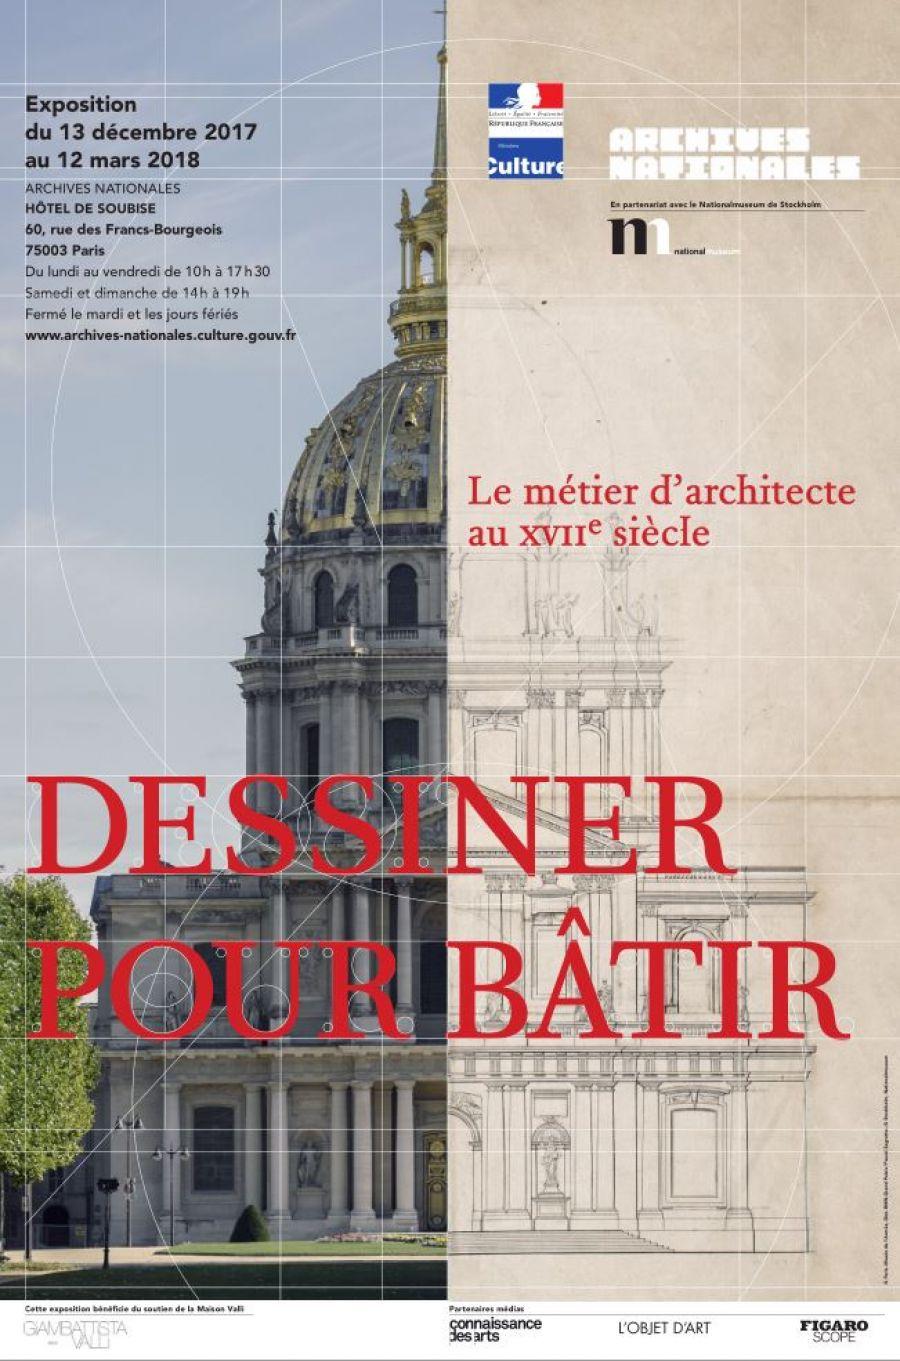 Dessiner pour bâtir, exposition aux Archives Nationales - Via twitter.com/ArchivesnatFr